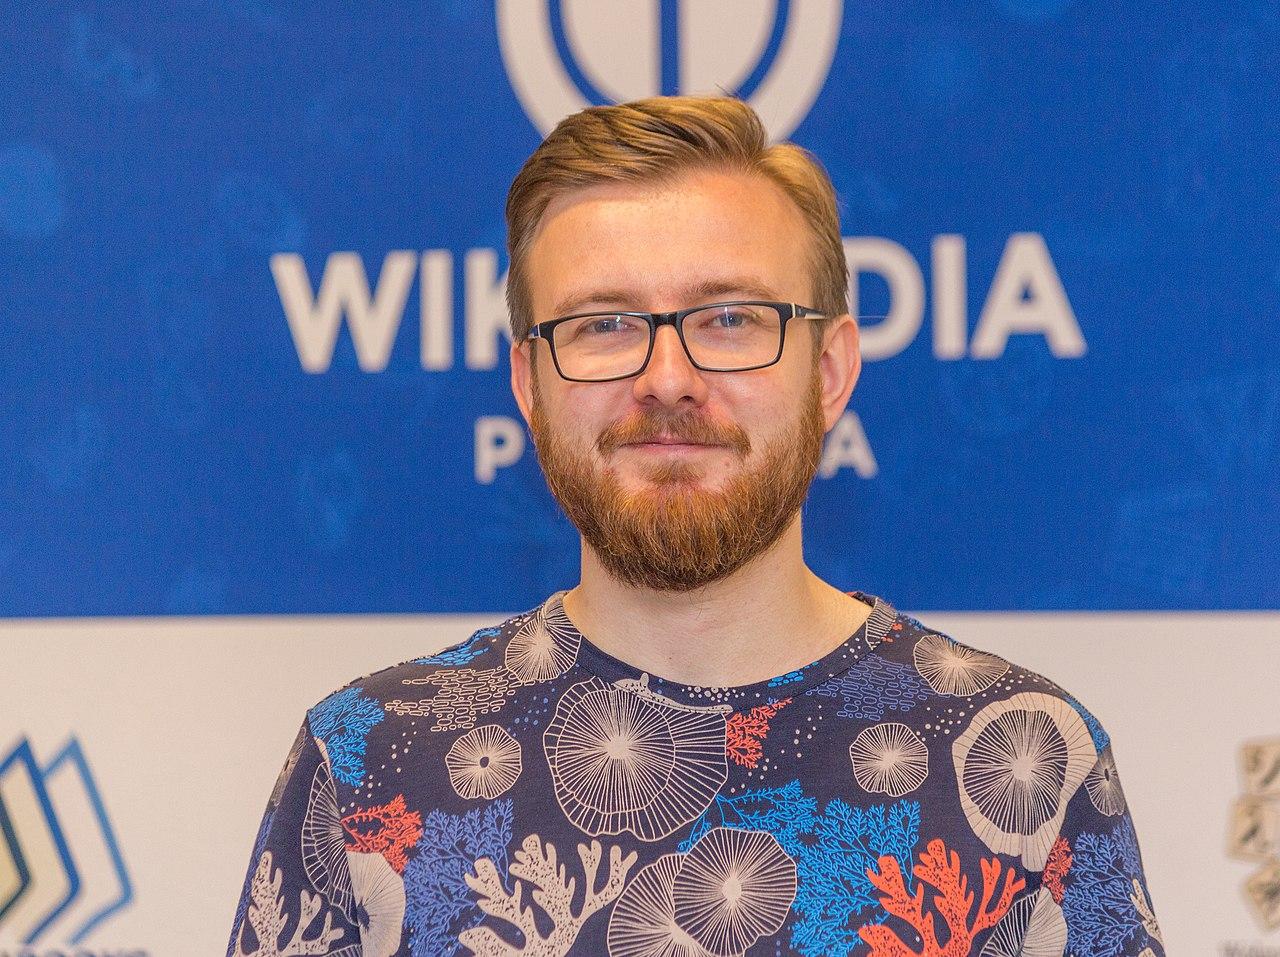 WMPL Wroclaw 2019 RD 036.jpg